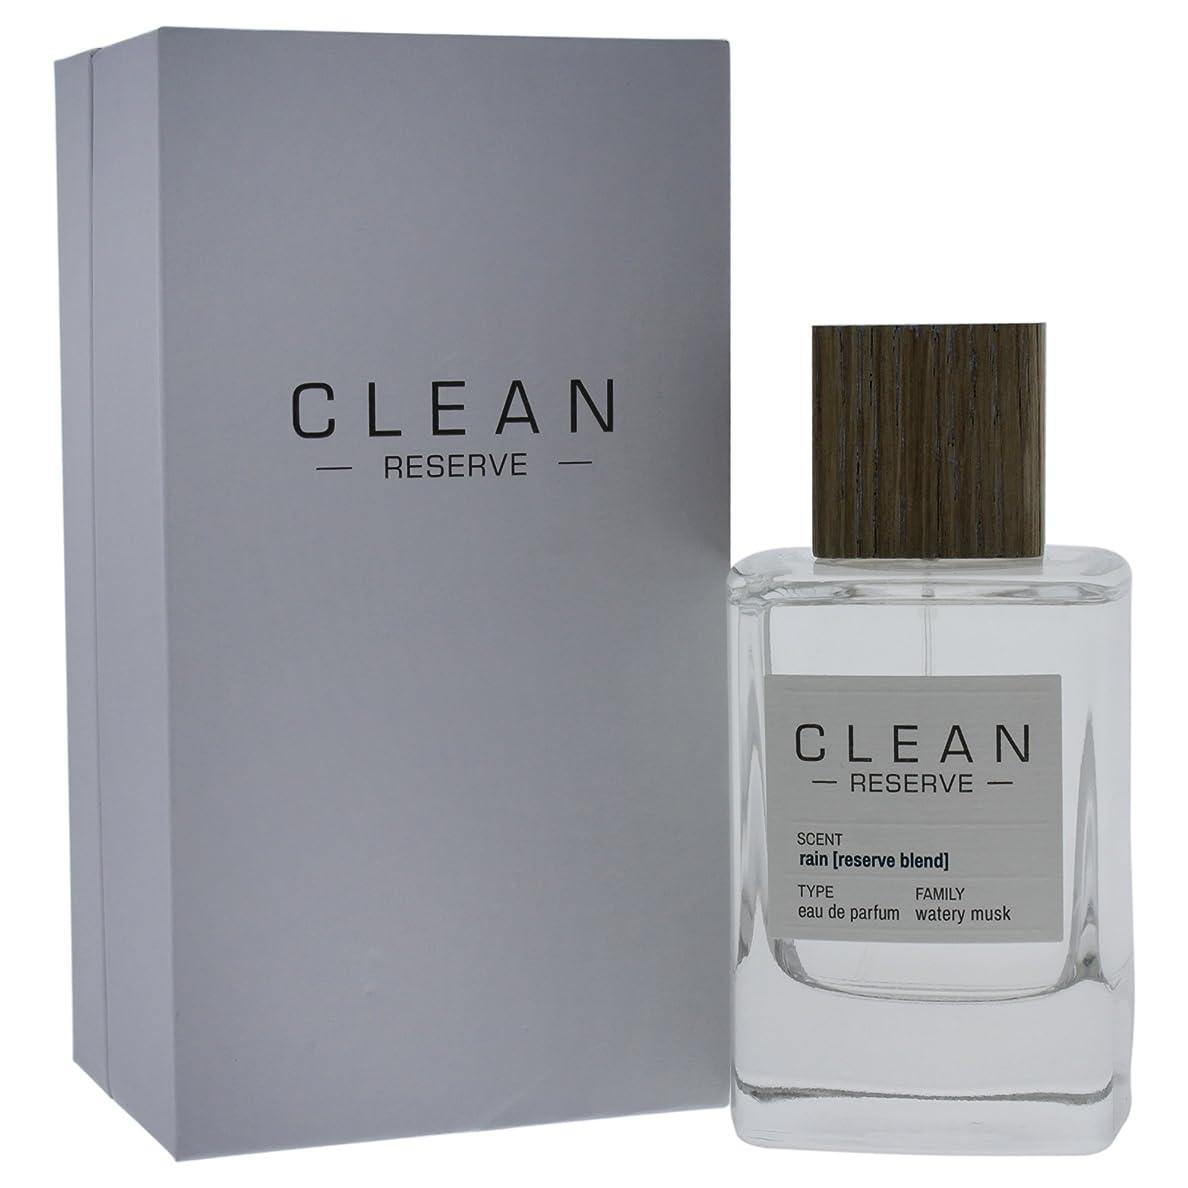 強います城純粋な◆【CLEAN】Unisex香水◆クリーン リザーブ レイン オードパルファムEDP 100ml◆